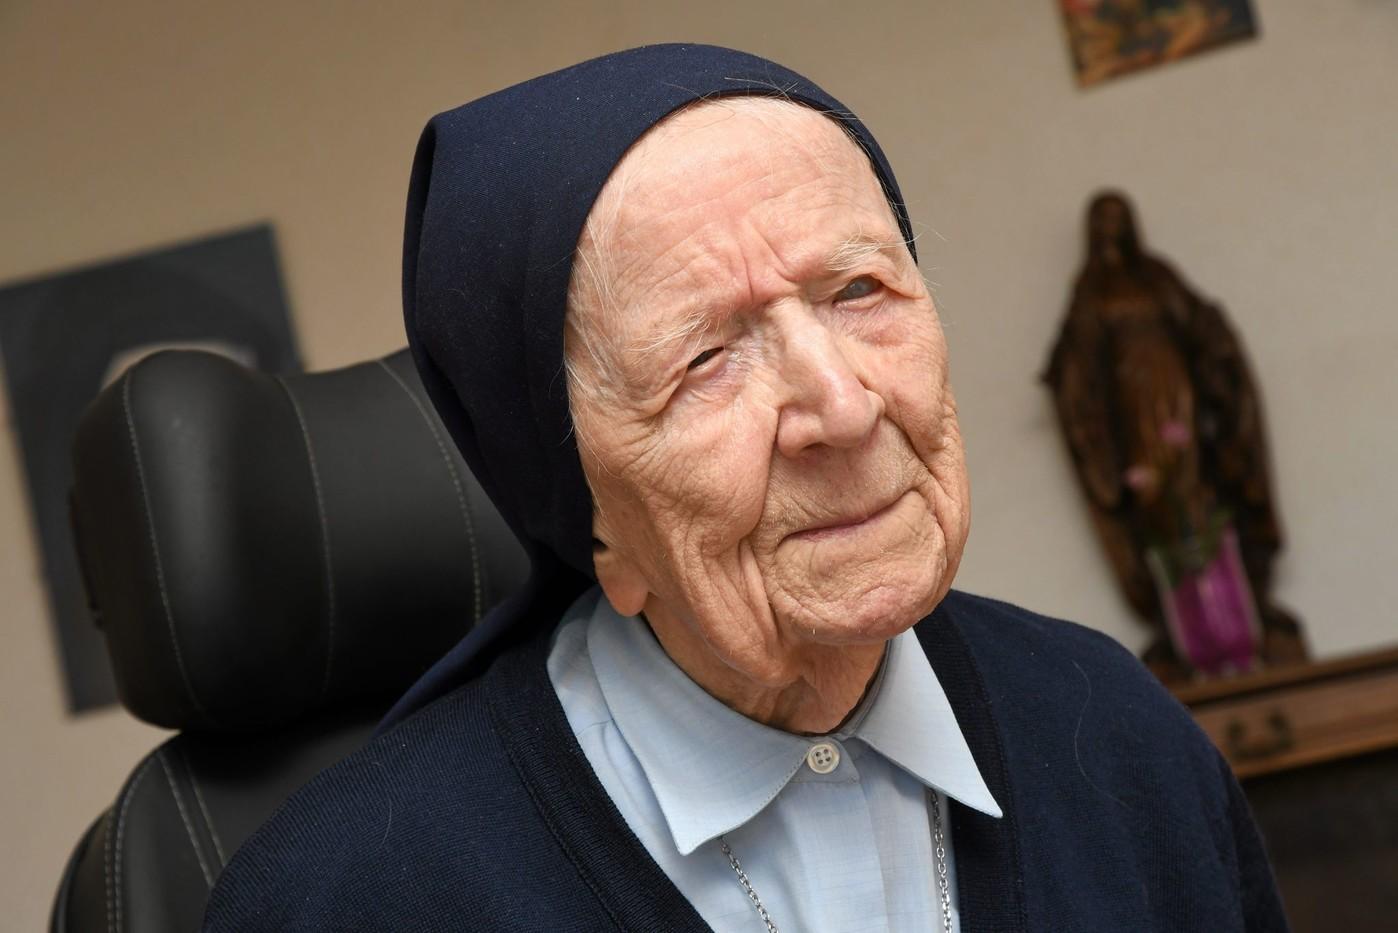 Biarawati Katolik Prancis yang Berusia 117 Tahun Sembuh dari Covid-19